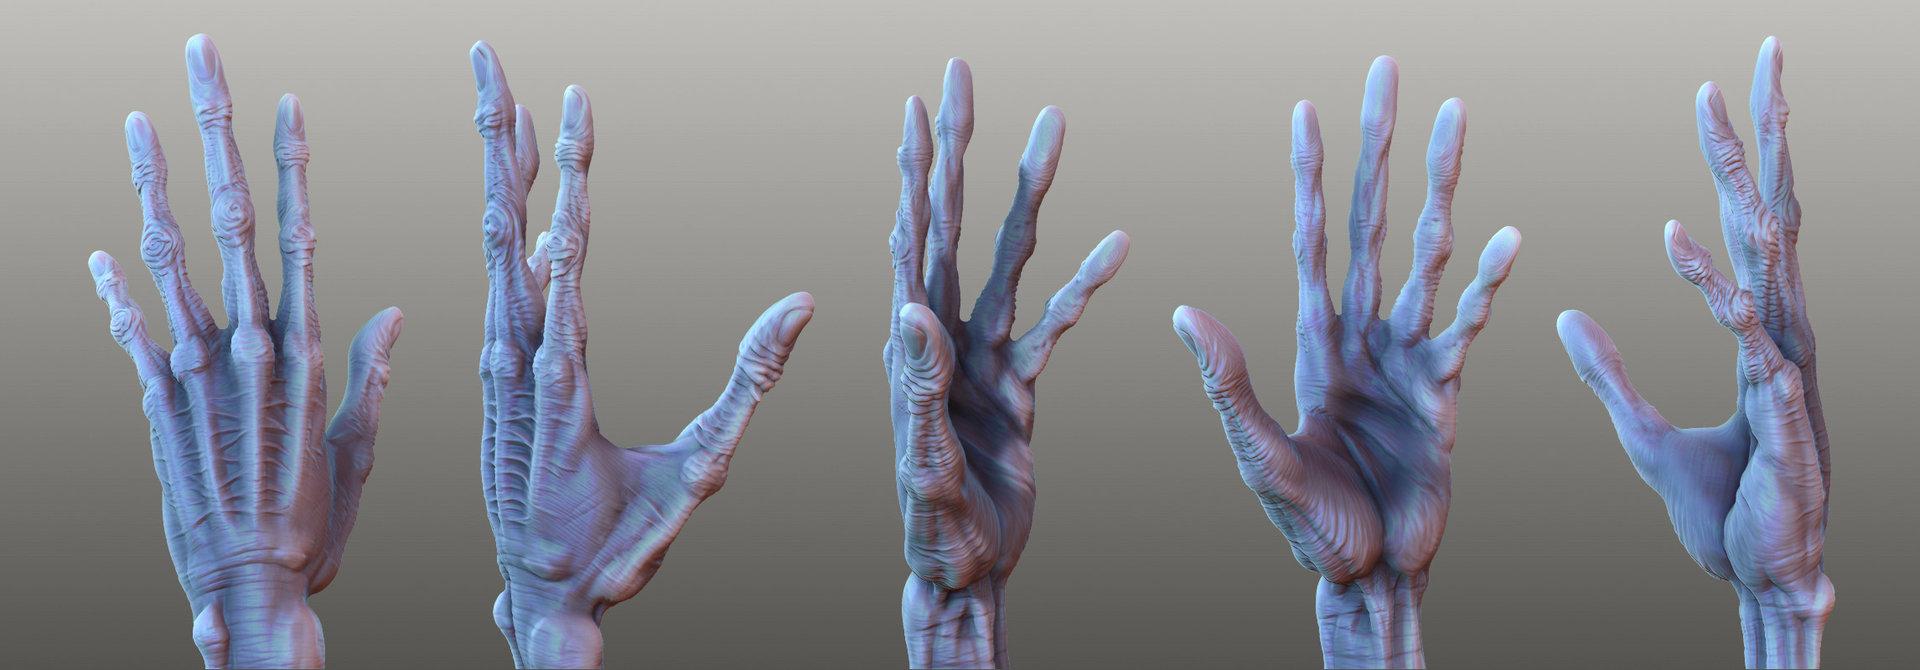 Oleg memukhin old spiderman hand 2 by monkibase d32053a